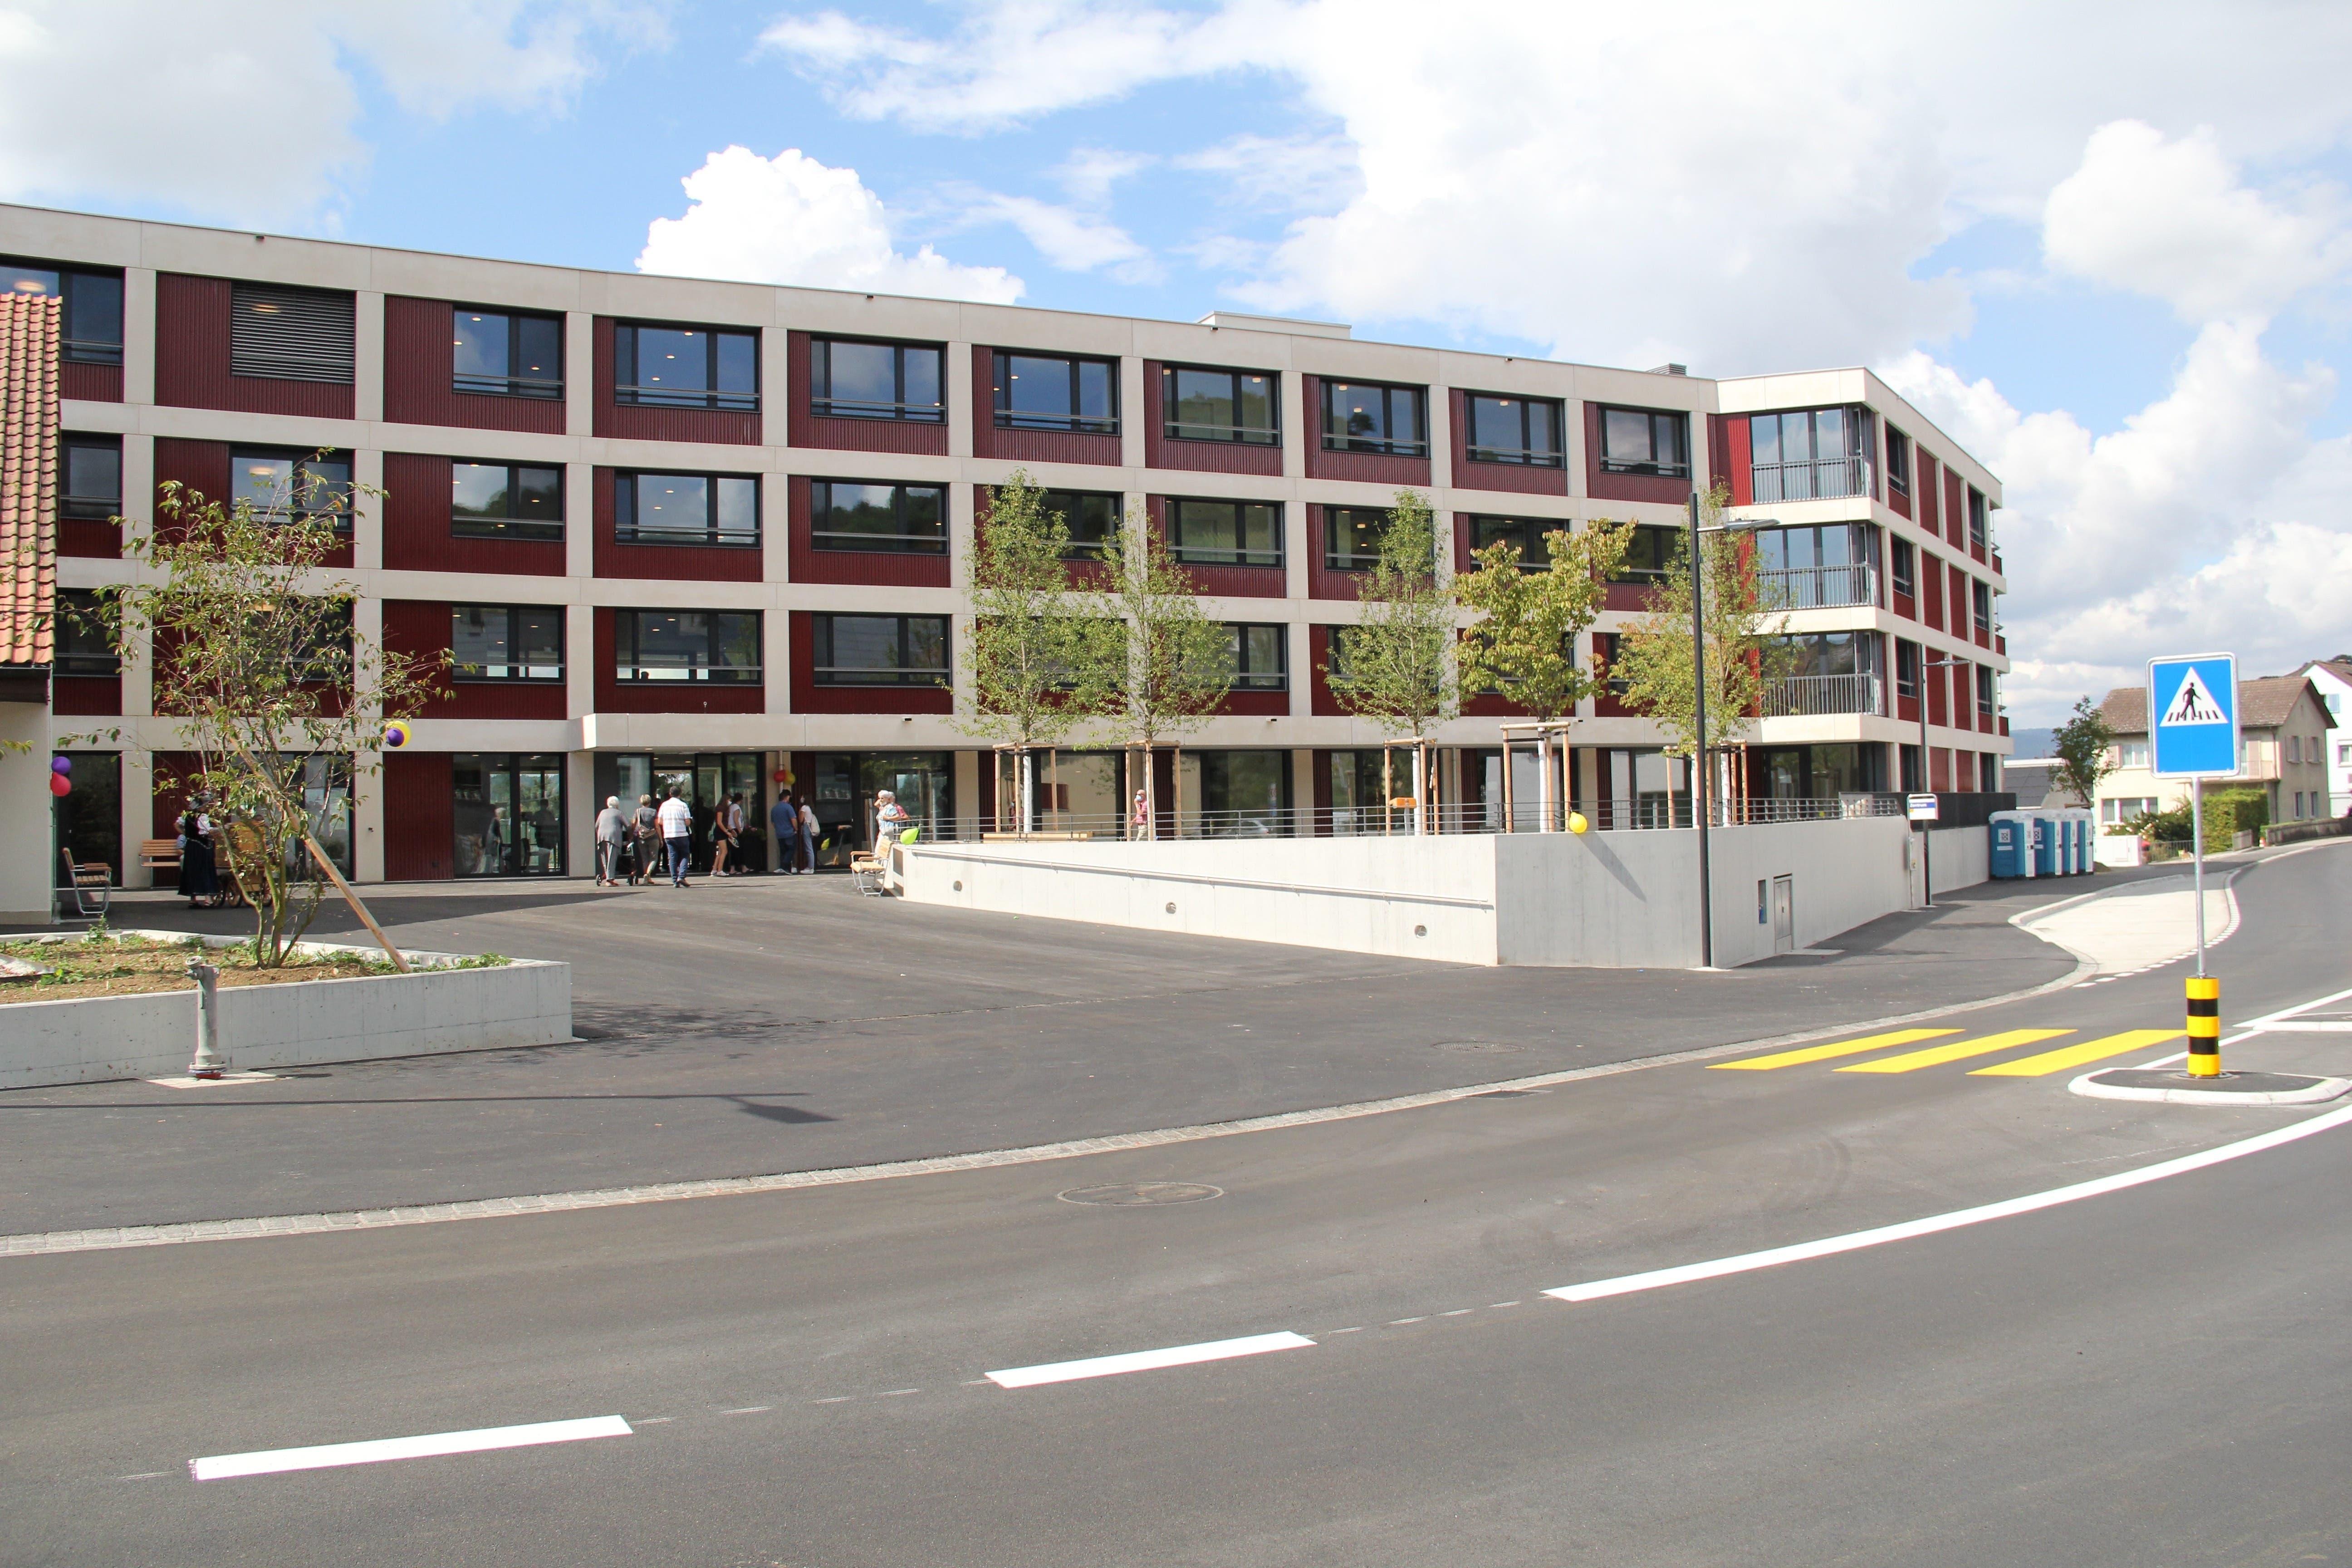 «Aareperle» hat ihre Tore geöffnet: So sieht das neue Gebäude dorfseitig aus, mit neuem öffentlichem Begegnungsplatz.